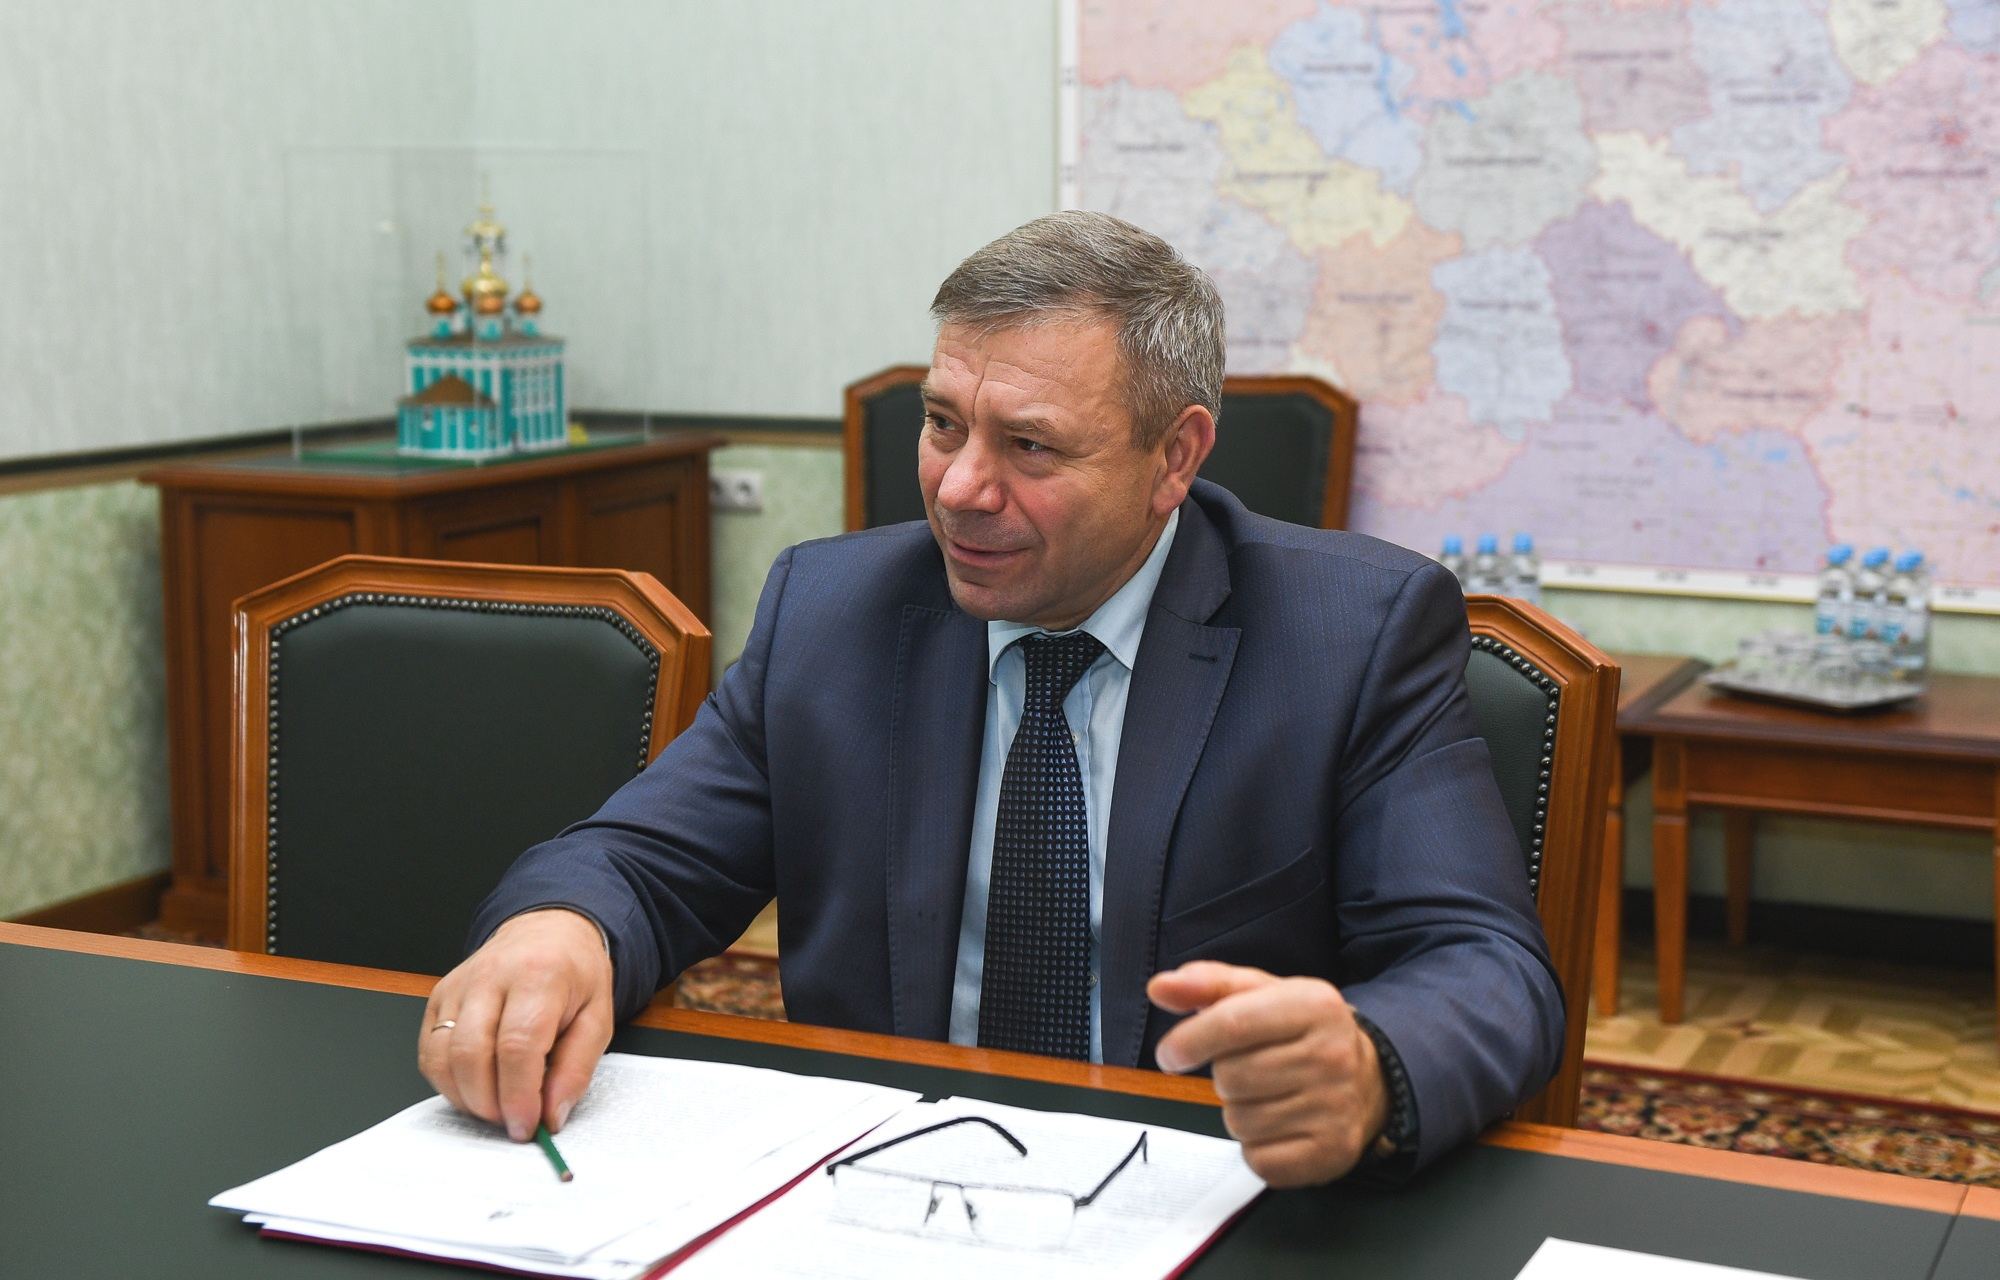 Константин Ильин: На селе школы имеют стратегическое значение